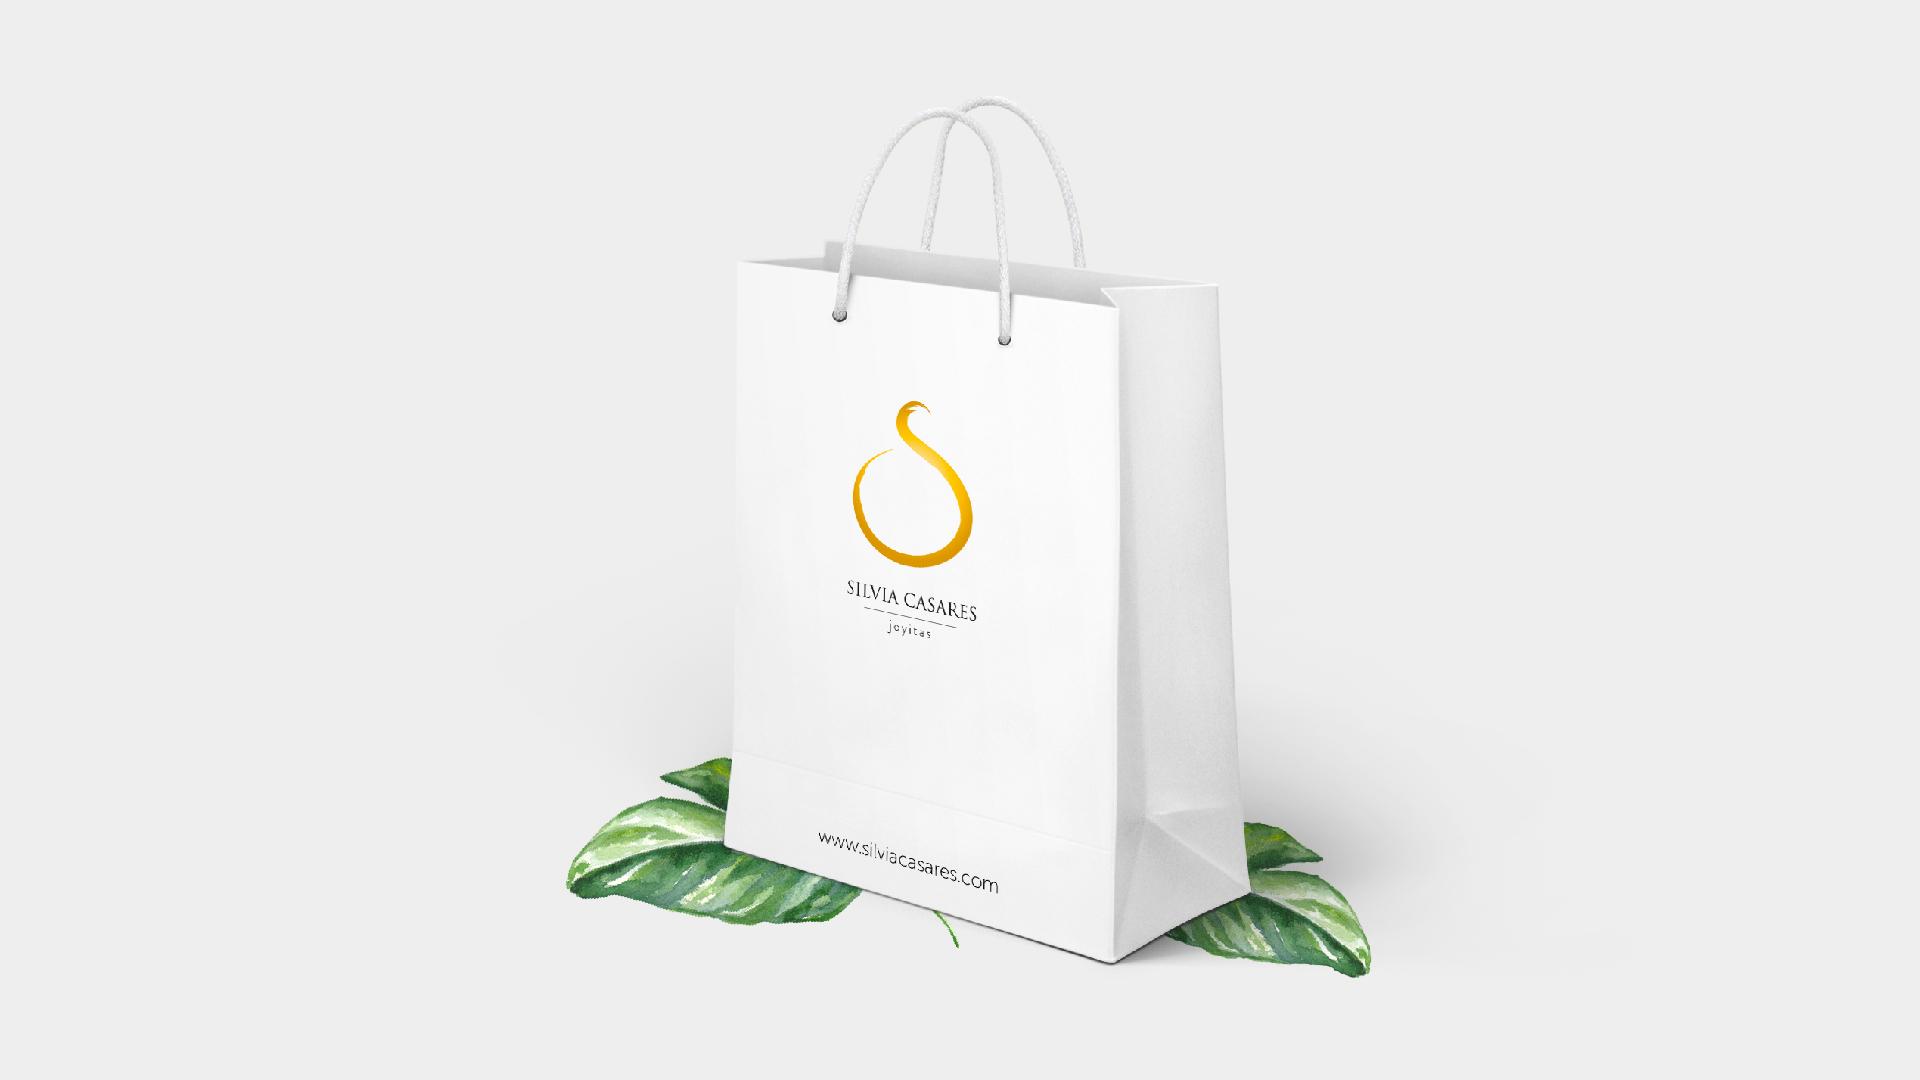 diseño gráfico en Sevilla, estudio de publicidad sevilla, estudio diseño sevilla, diseño gráfico sevilla